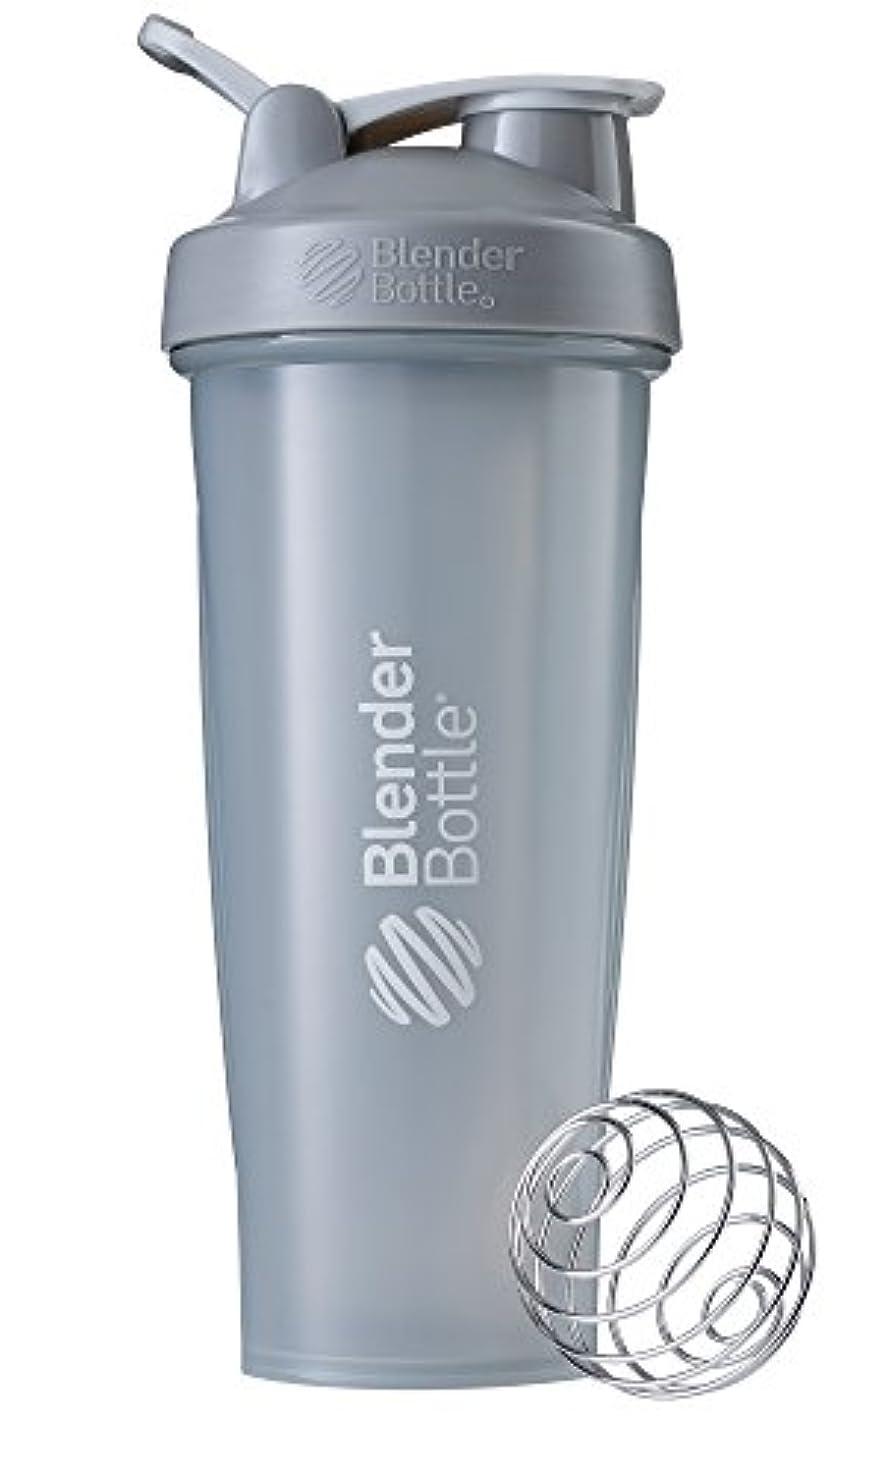 量で呼ぶたるみBlenderBottle Classic ブレンダーボトル クラシック Shaker Bottle 32-Ounce Loop Top PEBBLE GREY CLSC32LOOP